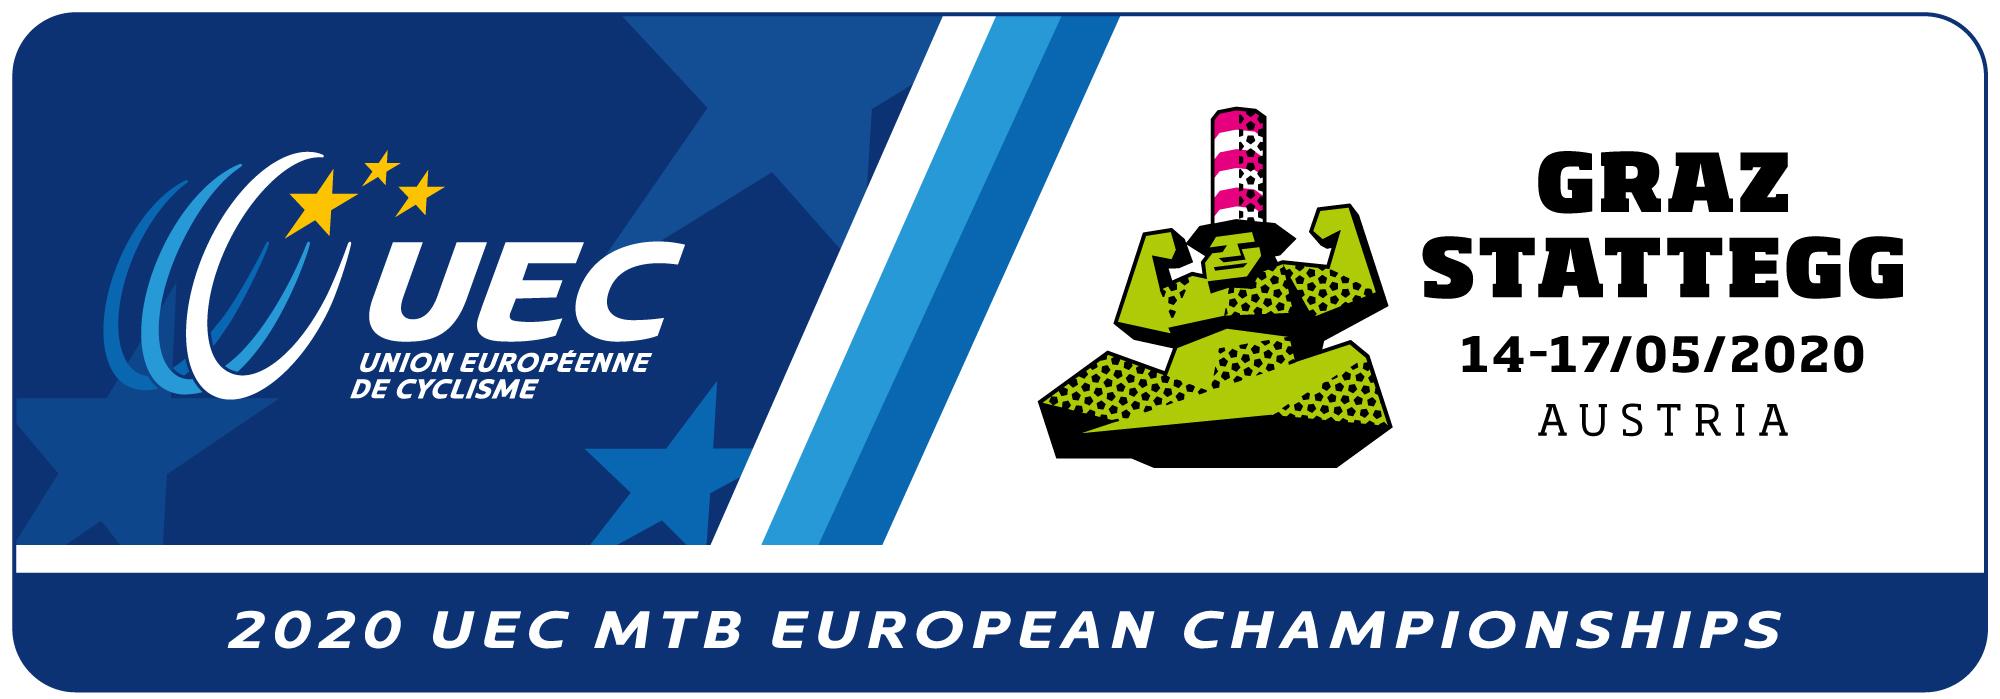 UEC MTB EM Graz 2020